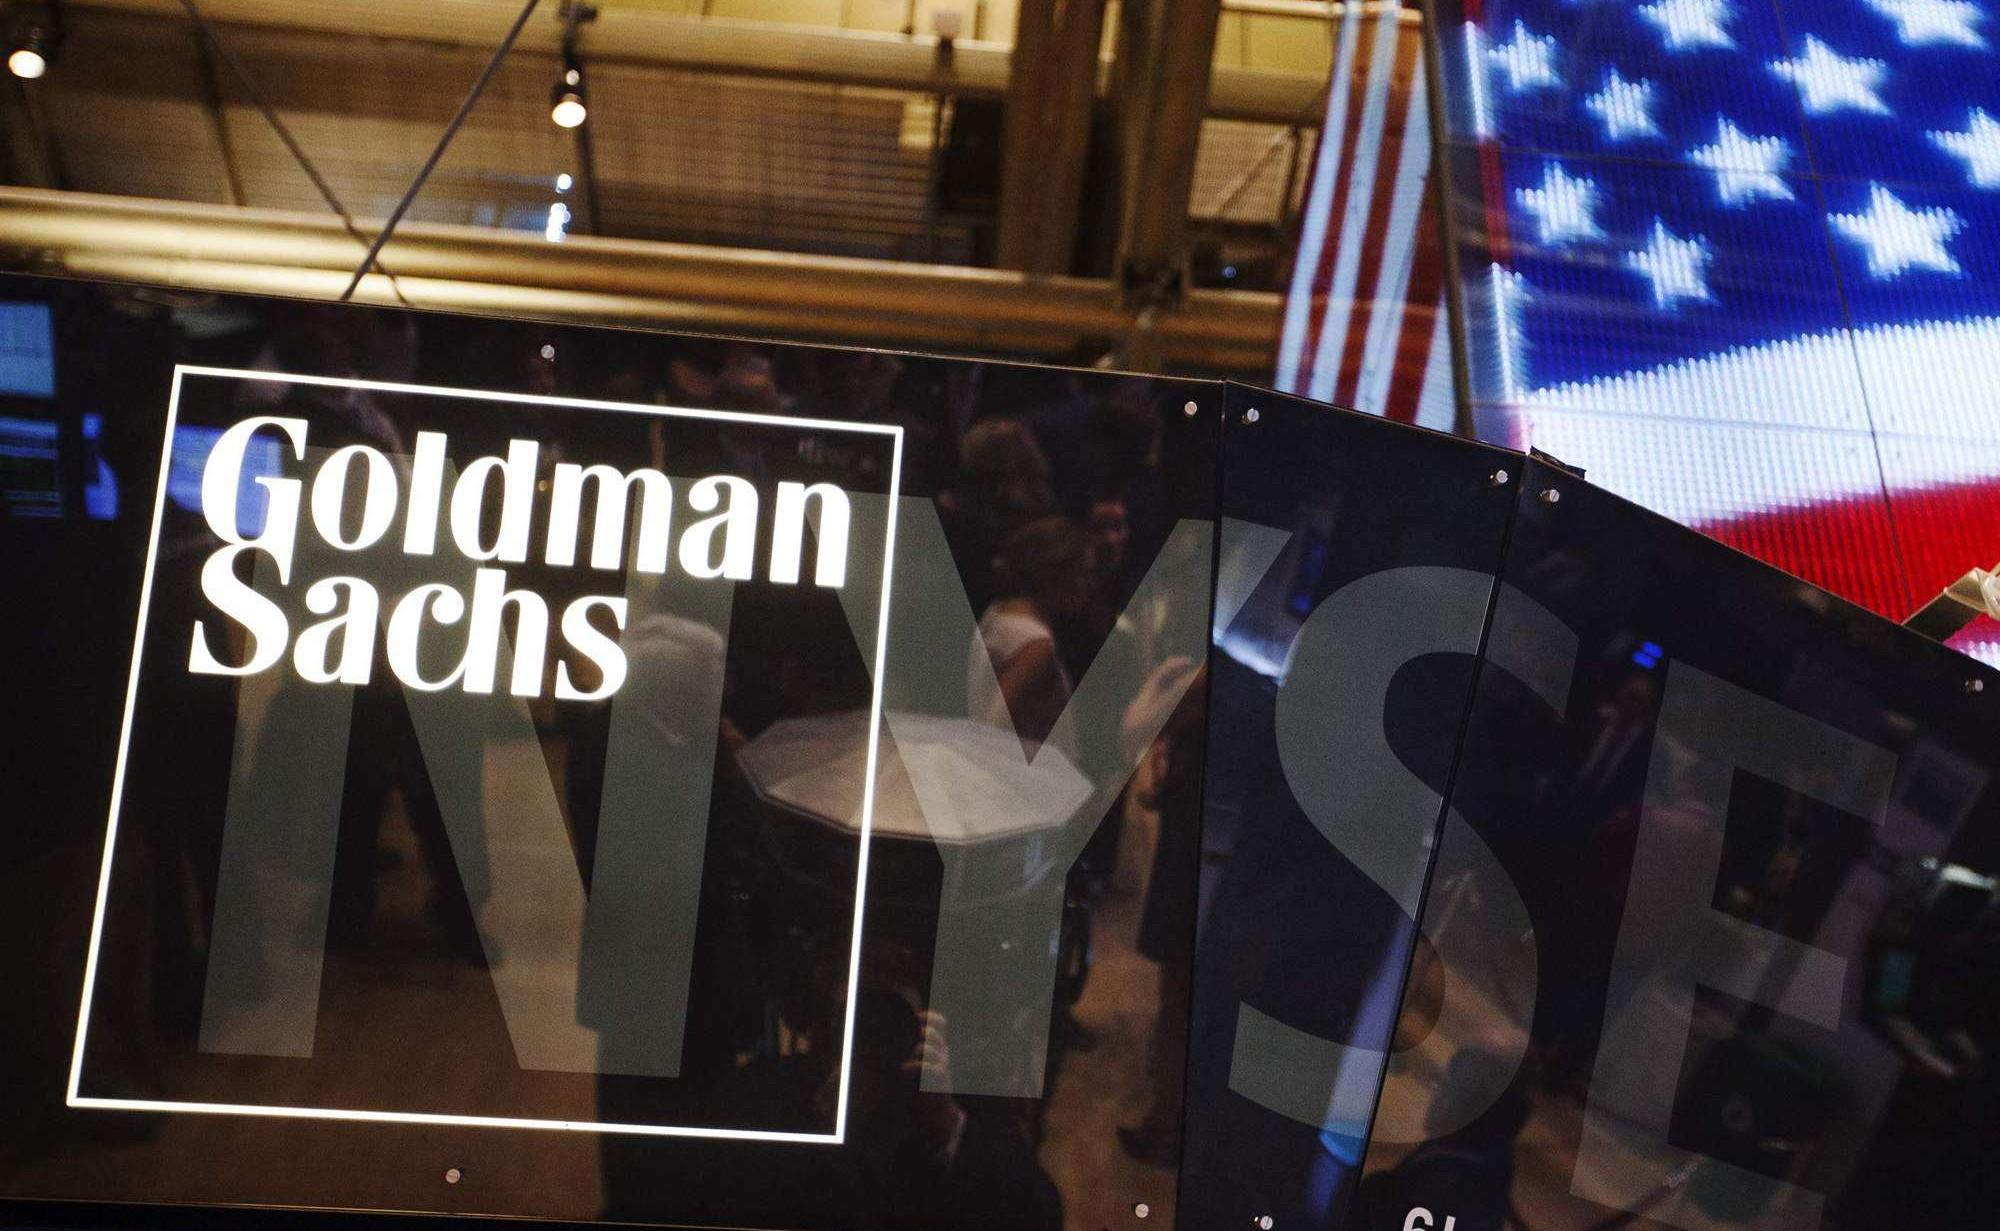 高盛2017年财报:区块链与加密货币让高盛面临潜在的风险